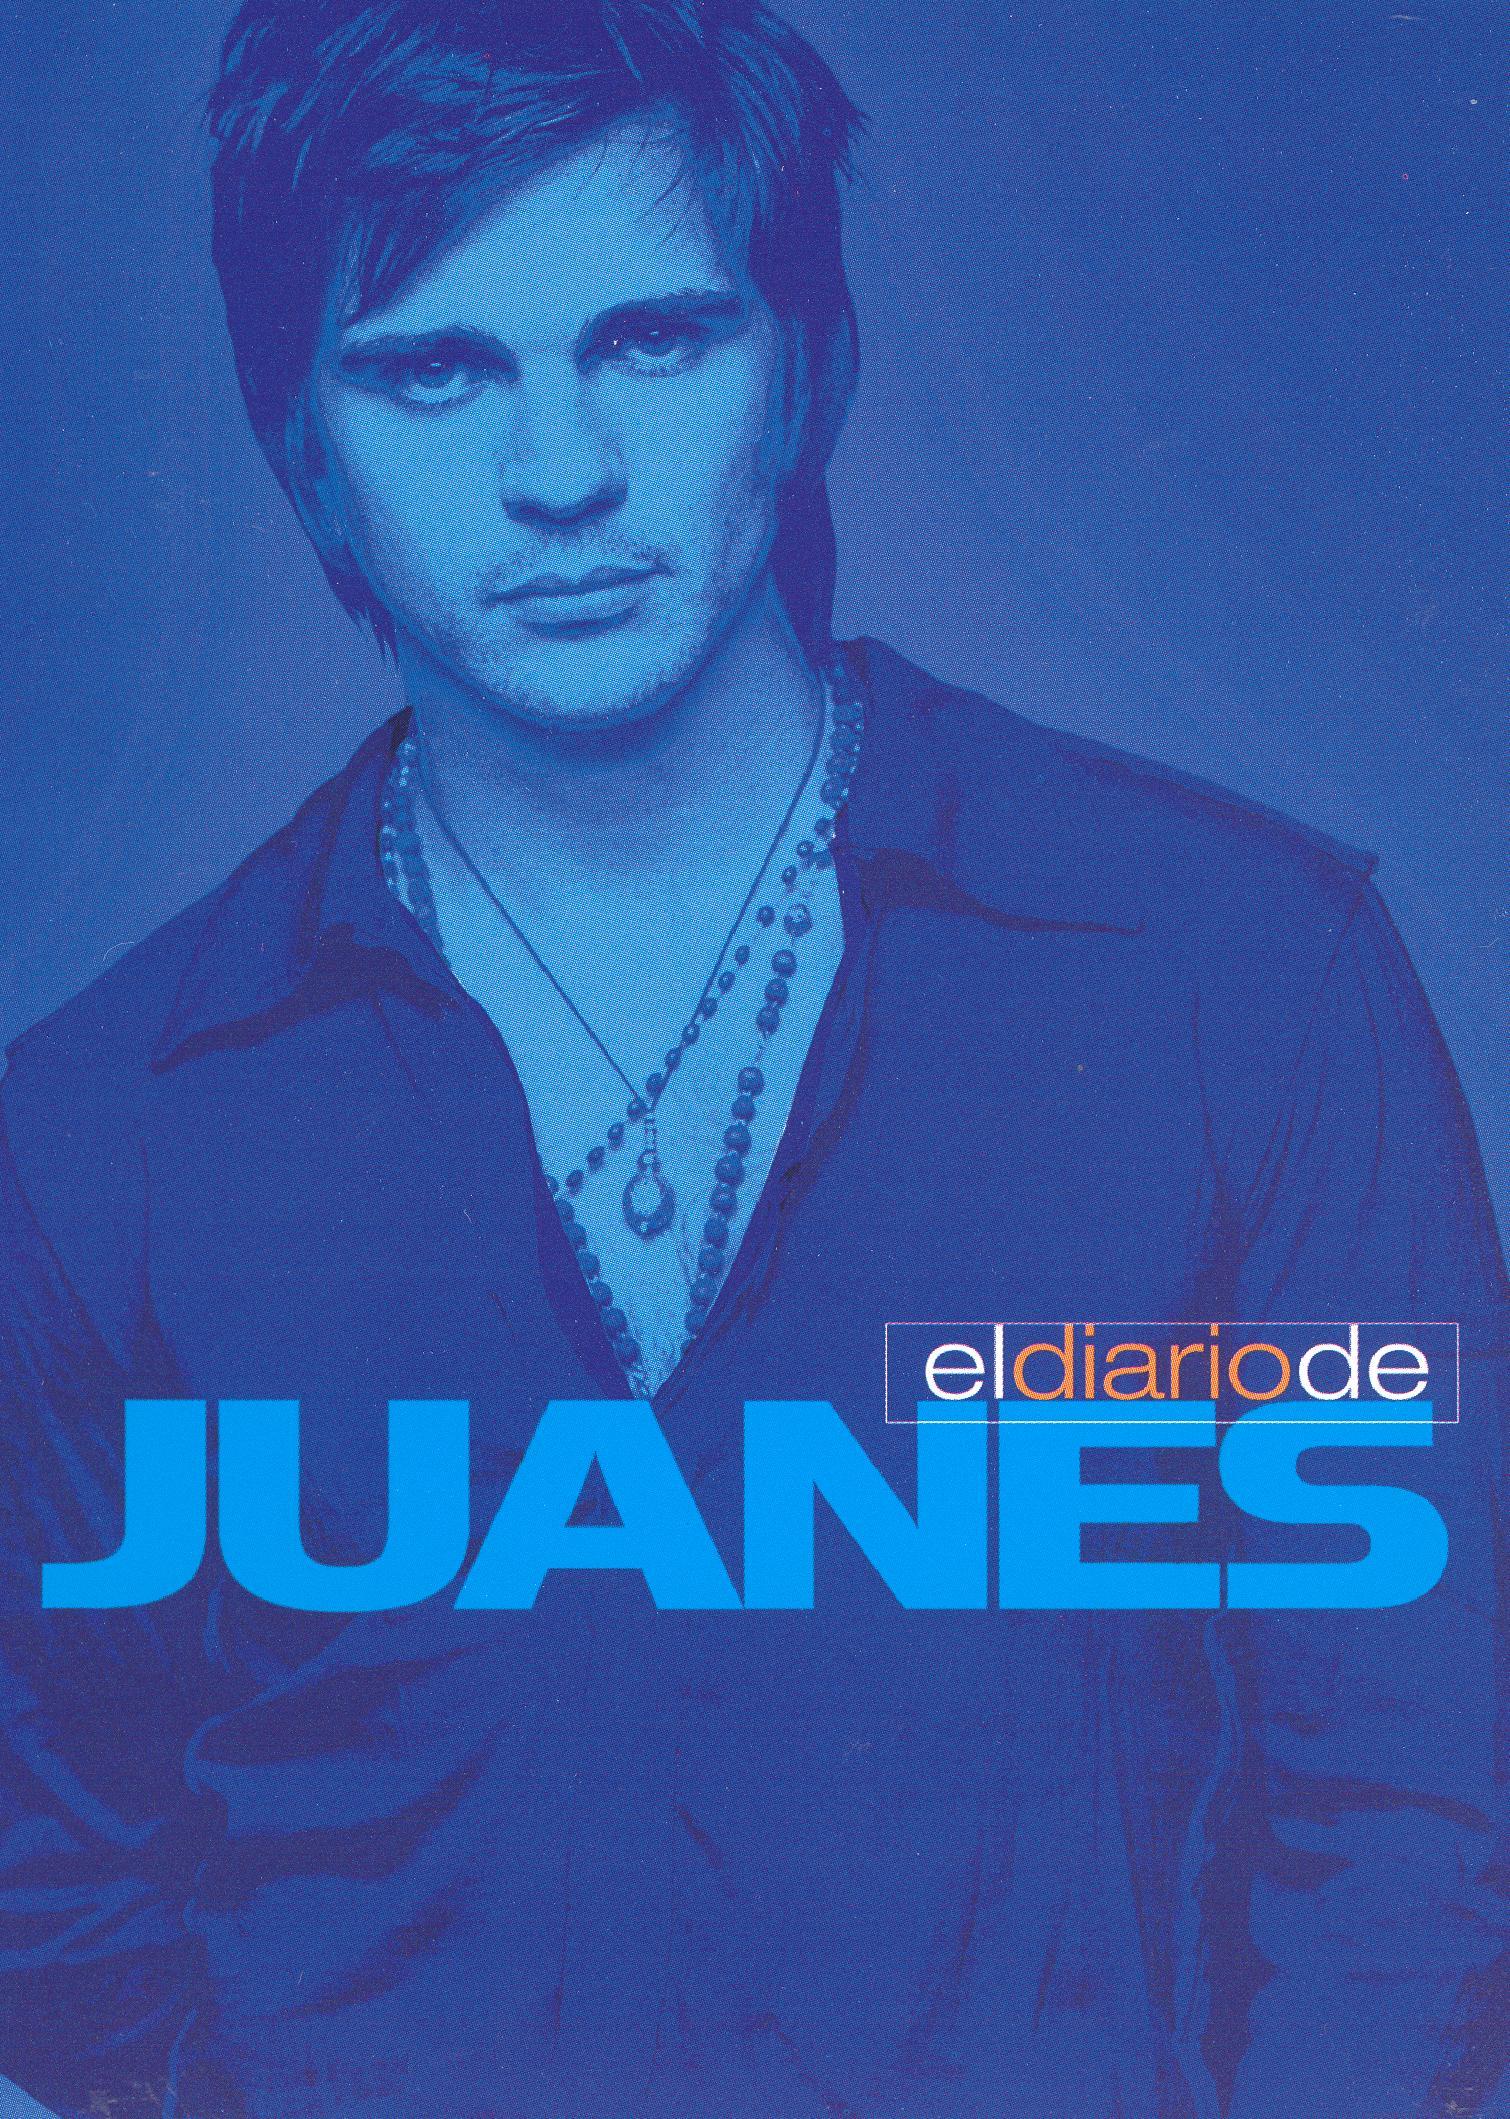 Juanes: El Diario de Juanes